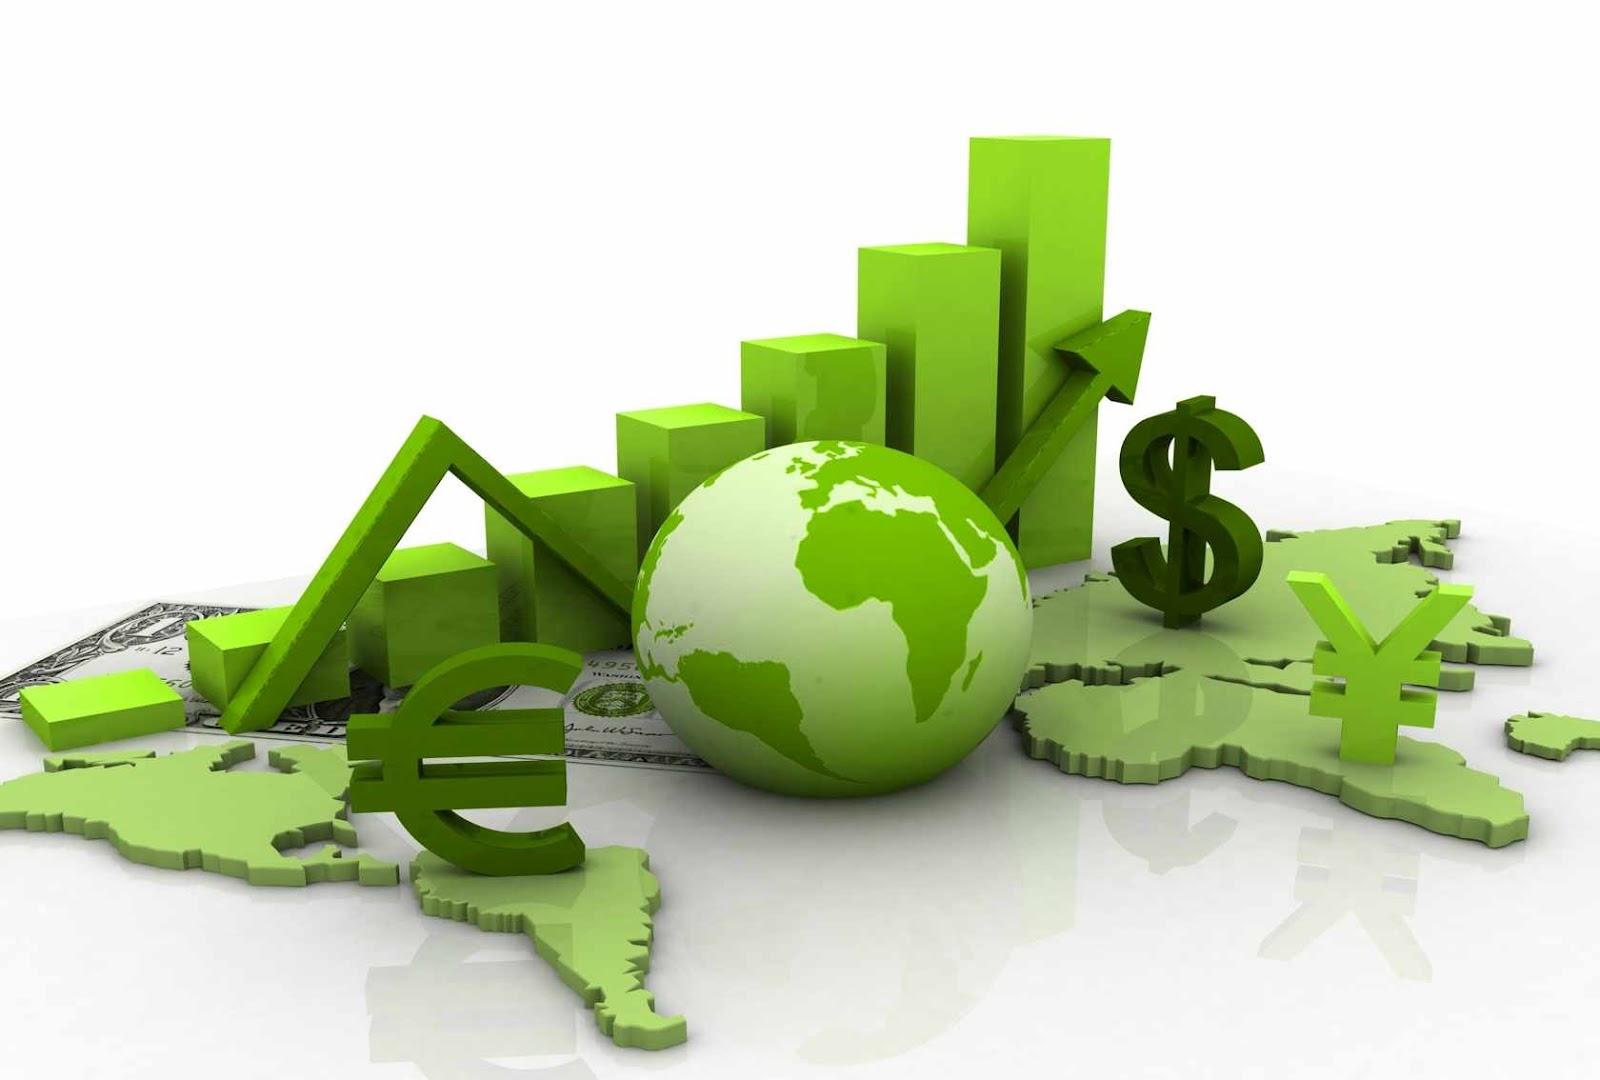 Crecimiento económico en RD ¿mito o realidad?